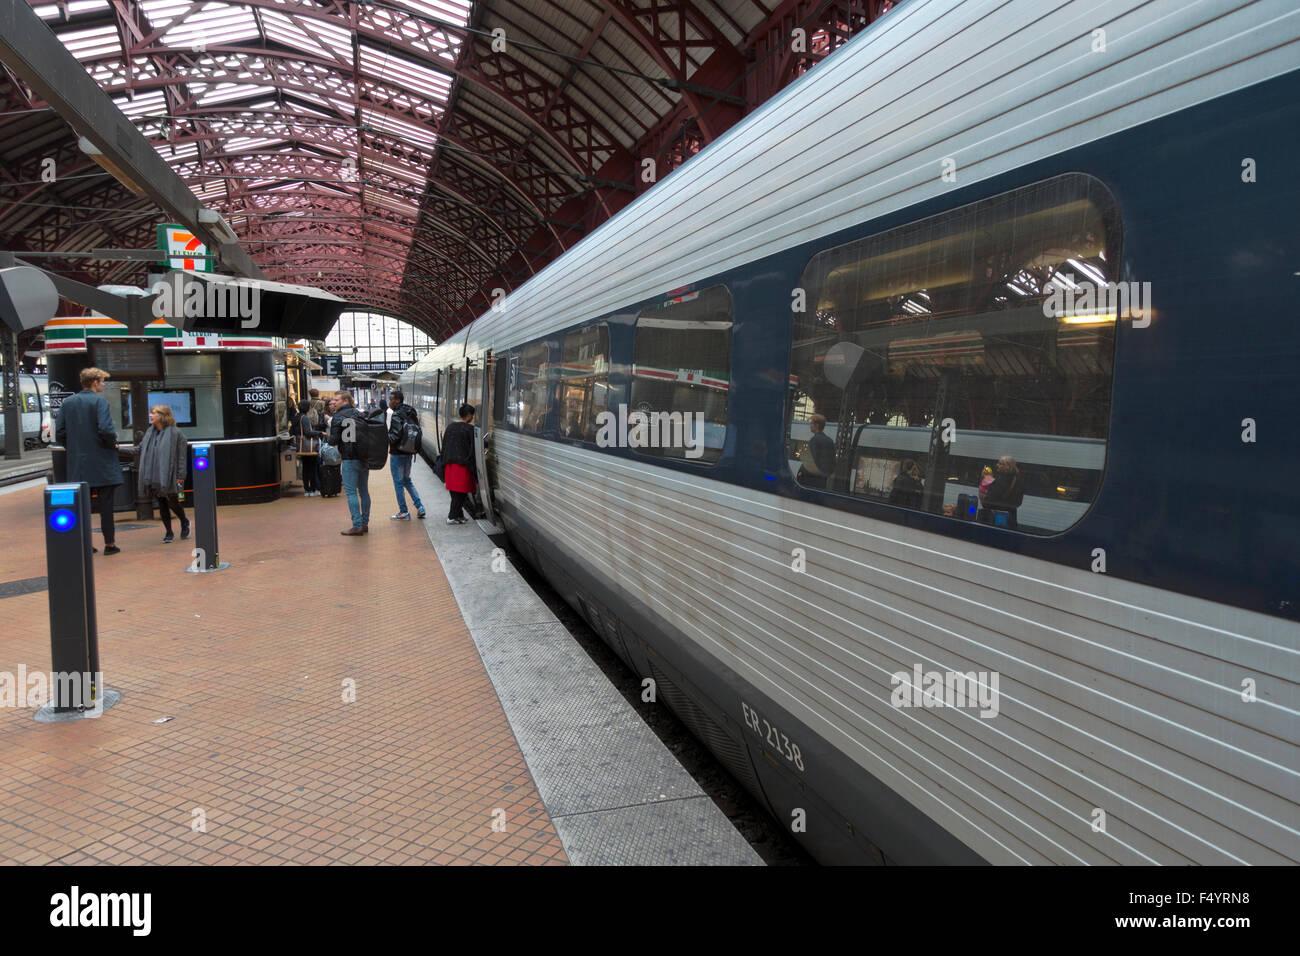 Regional train at platform at Copenhagen Central Station - Stock Image